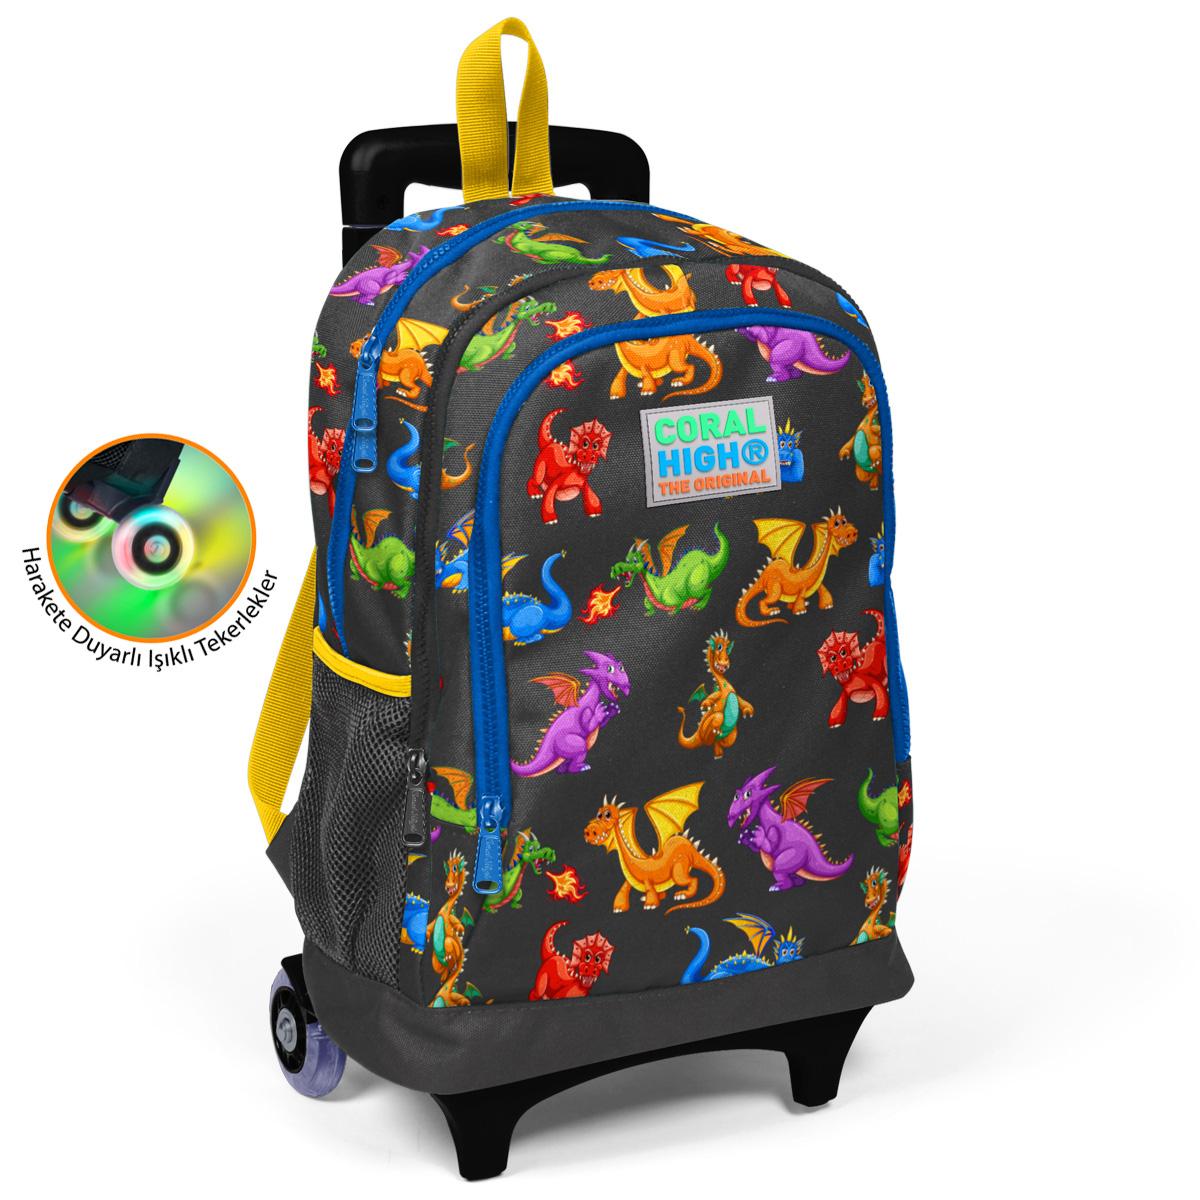 Coral High KIDS - Coral High Kids Gri Ejderha Desenli Işıklı Tekerlekli İki Bölmeli Çekçekli Sırt Çantası